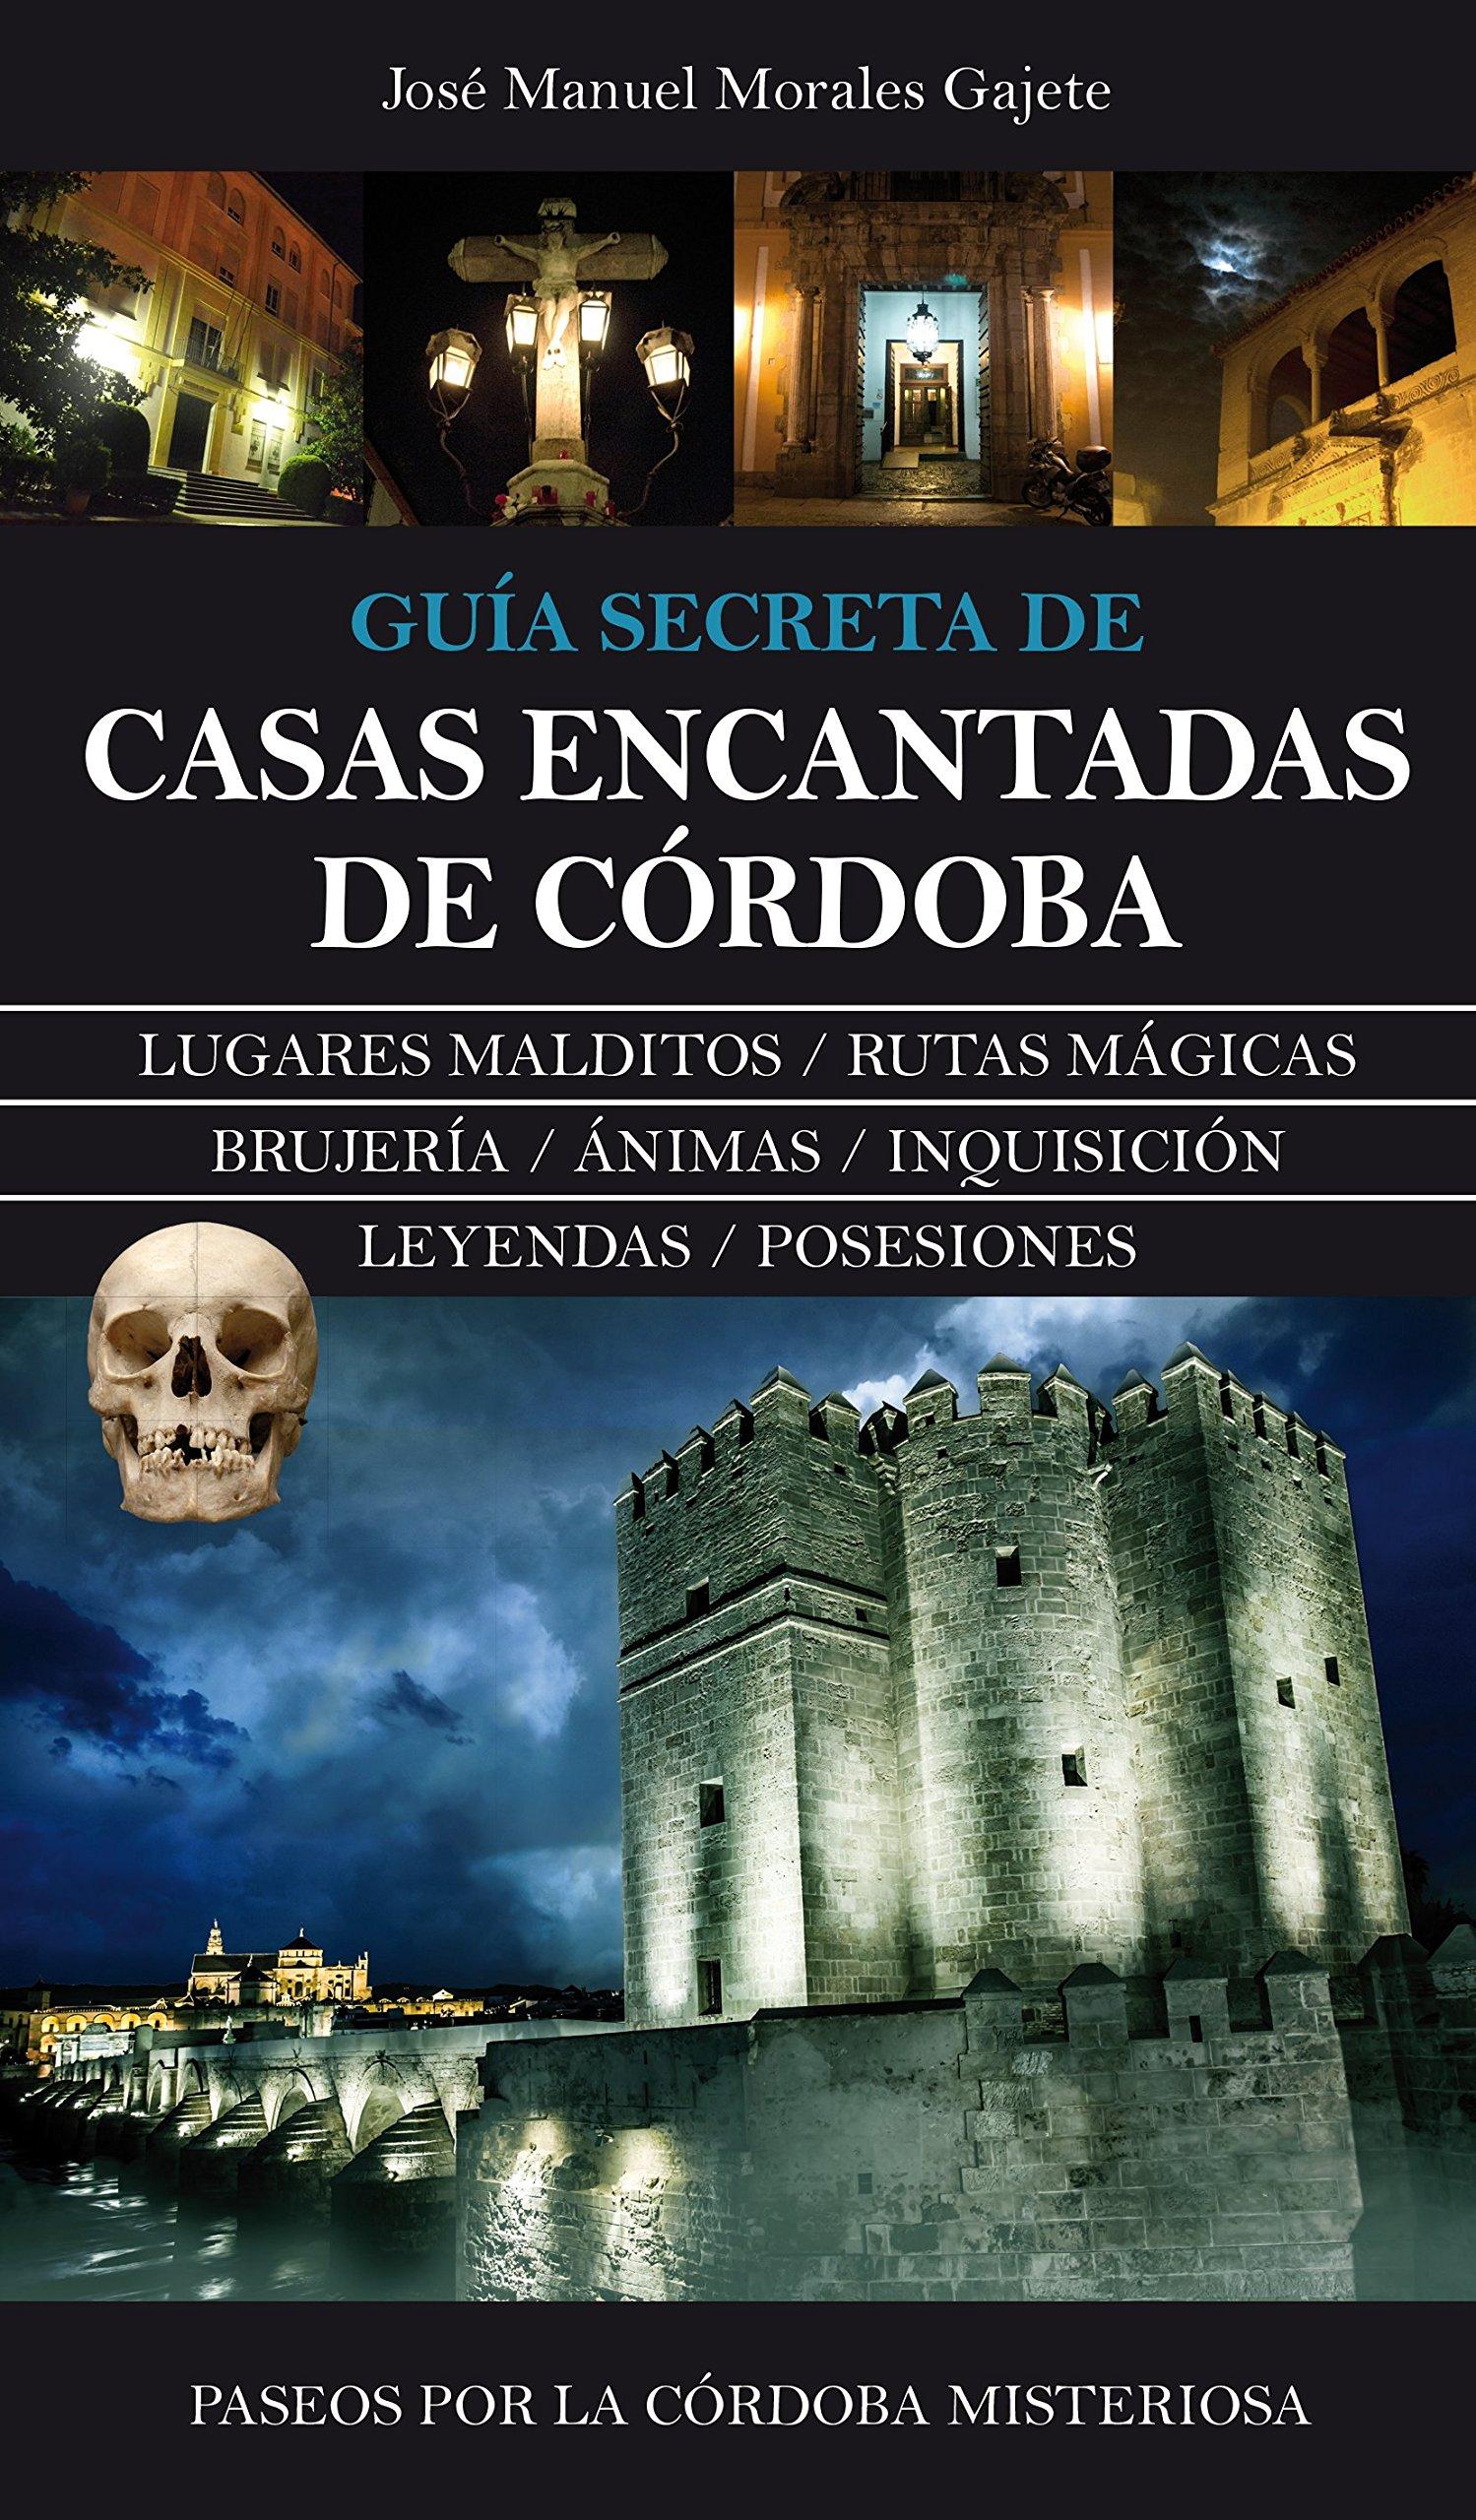 Casas Encantadas De Córdoba: 1 (Andalucia): Amazon.es: Morales Gajete, José Manuel: Libros